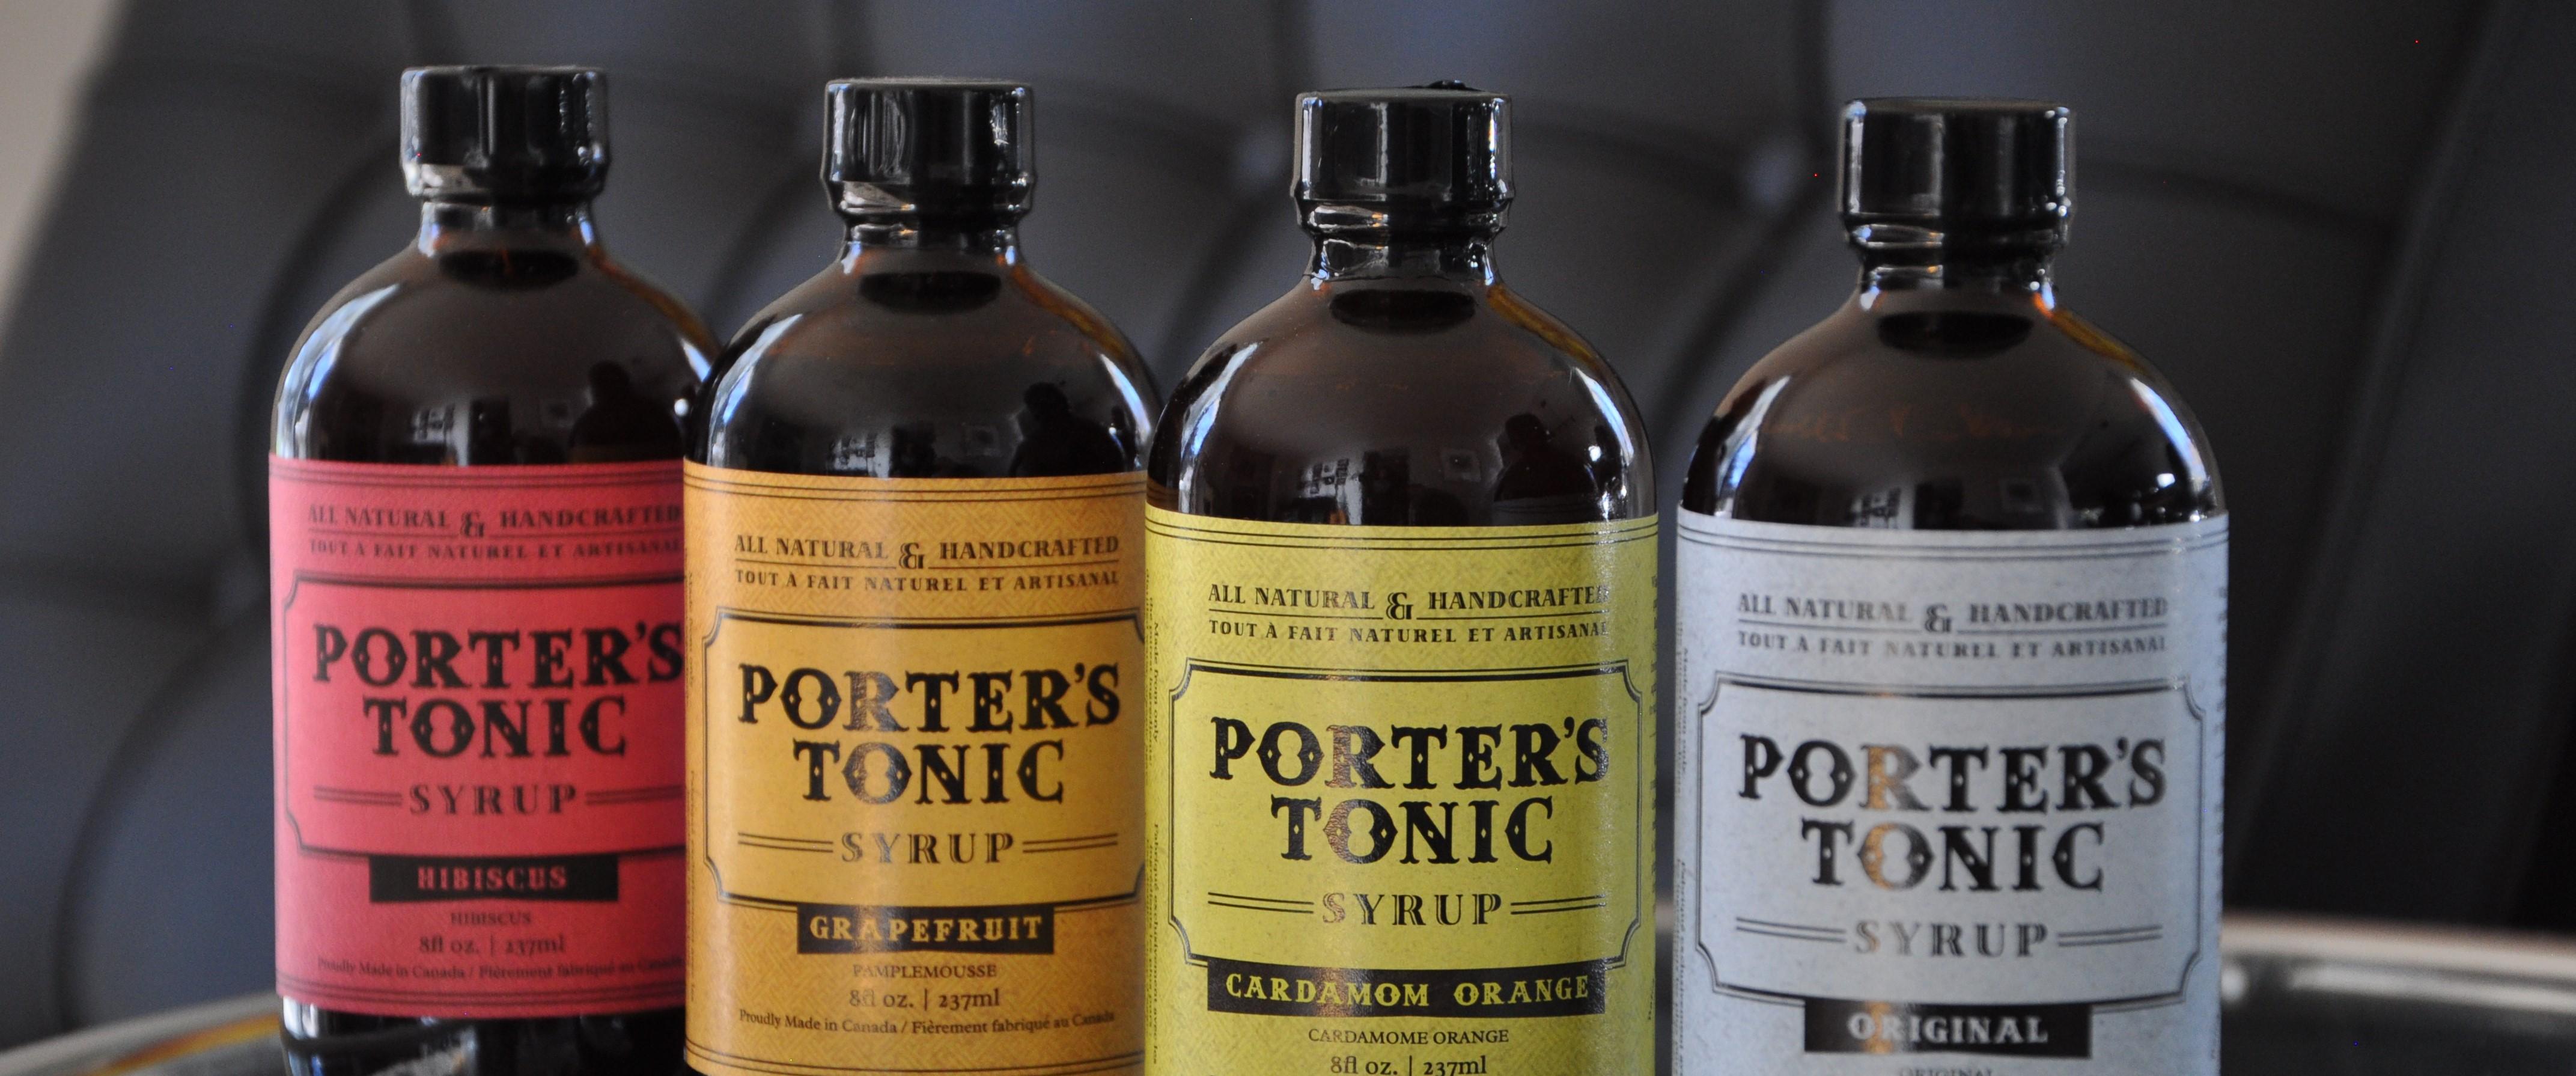 Set of 4 Porter's Tonic bottles